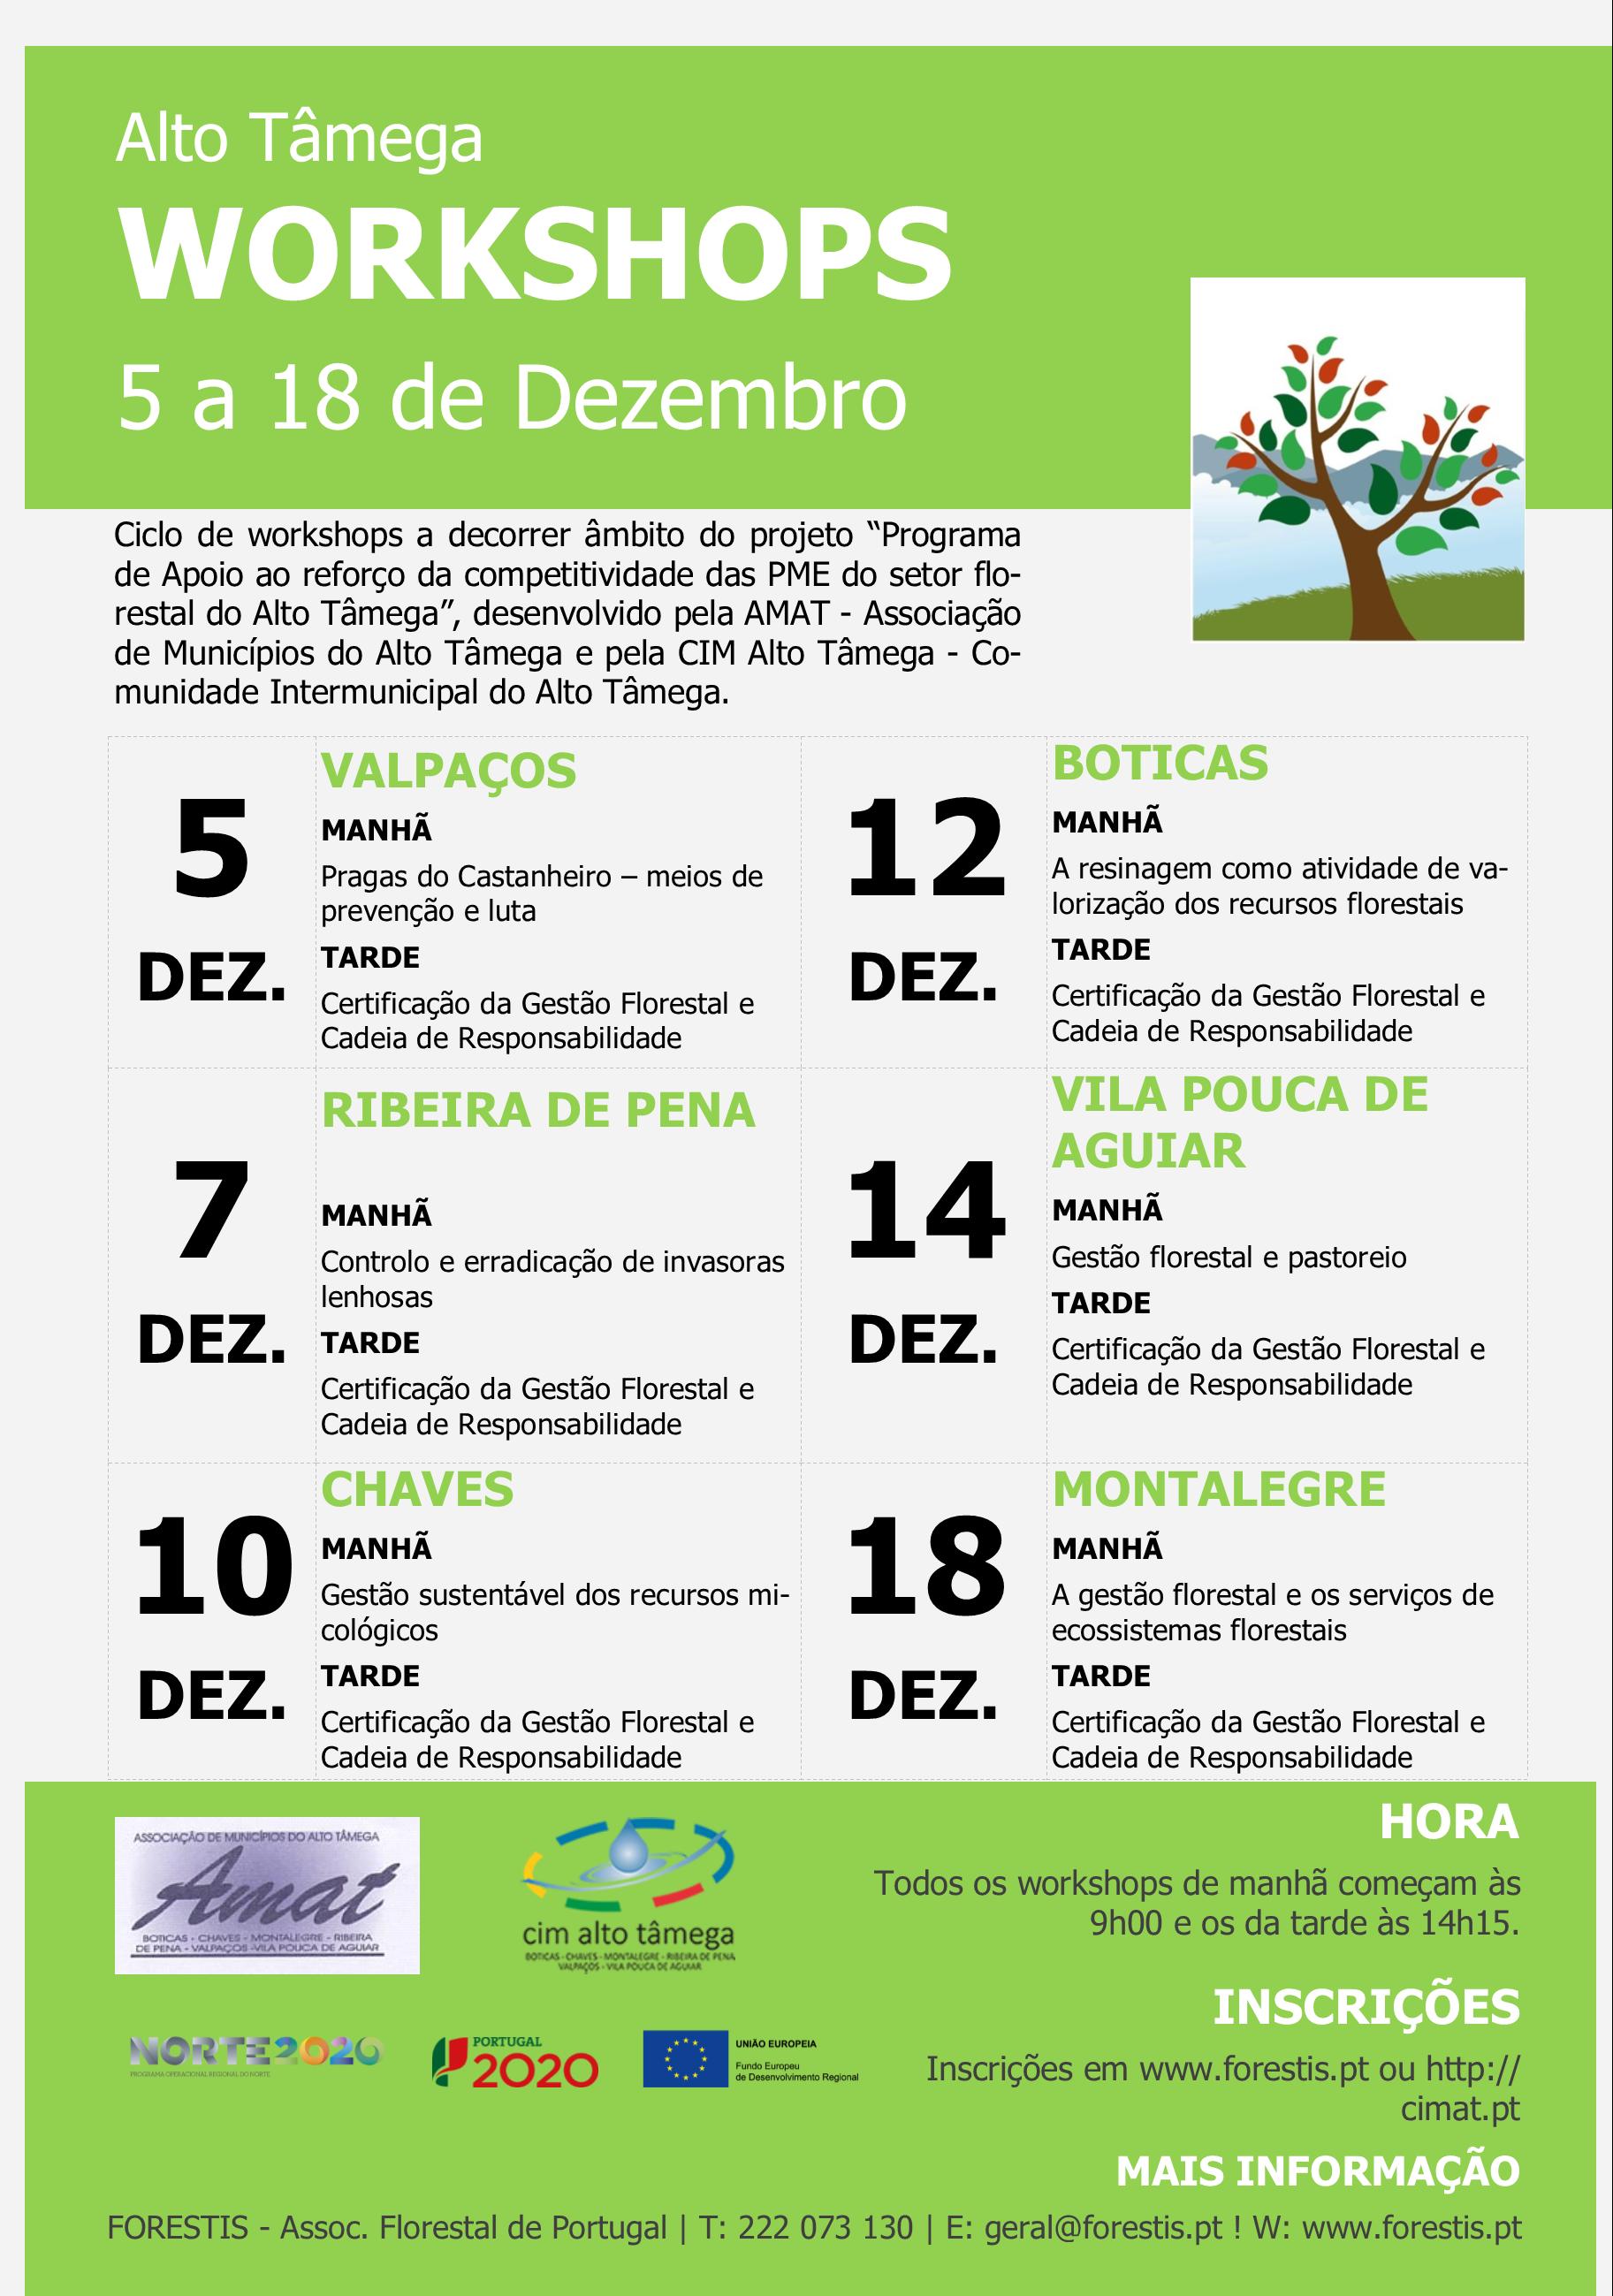 Programa dos workshops de apoio ao reforço da competitividade das PME do setor florestal do Alto Tâmega.